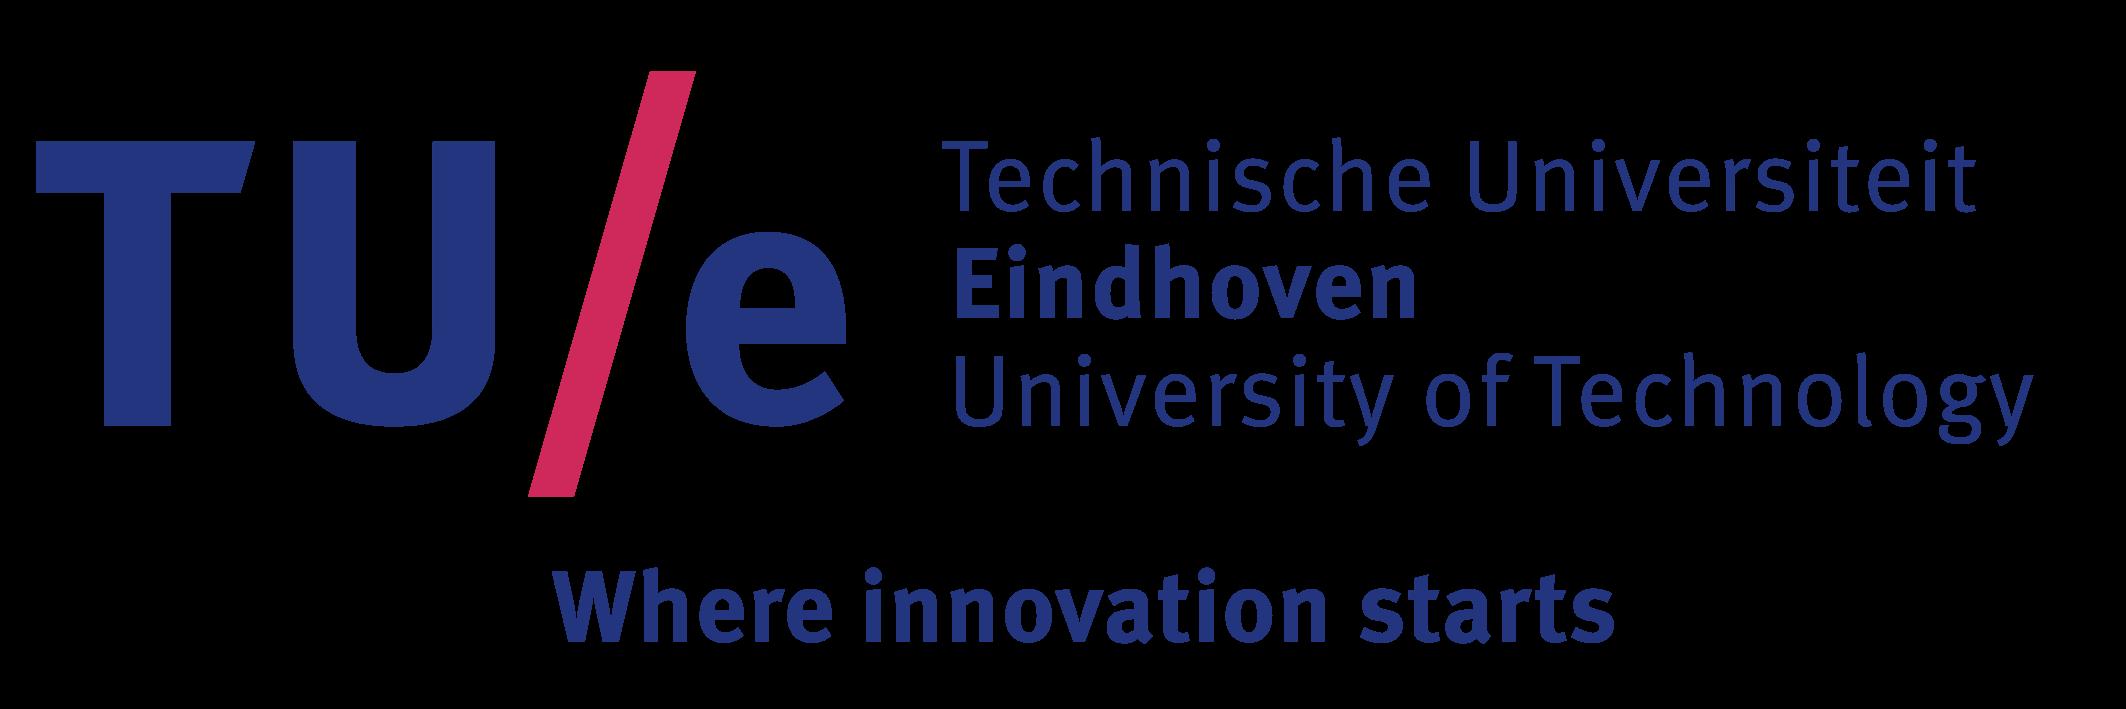 فراخوان بورسیه دانشگاه آیندهوون (Eindhoven) هلند برای سال 2019